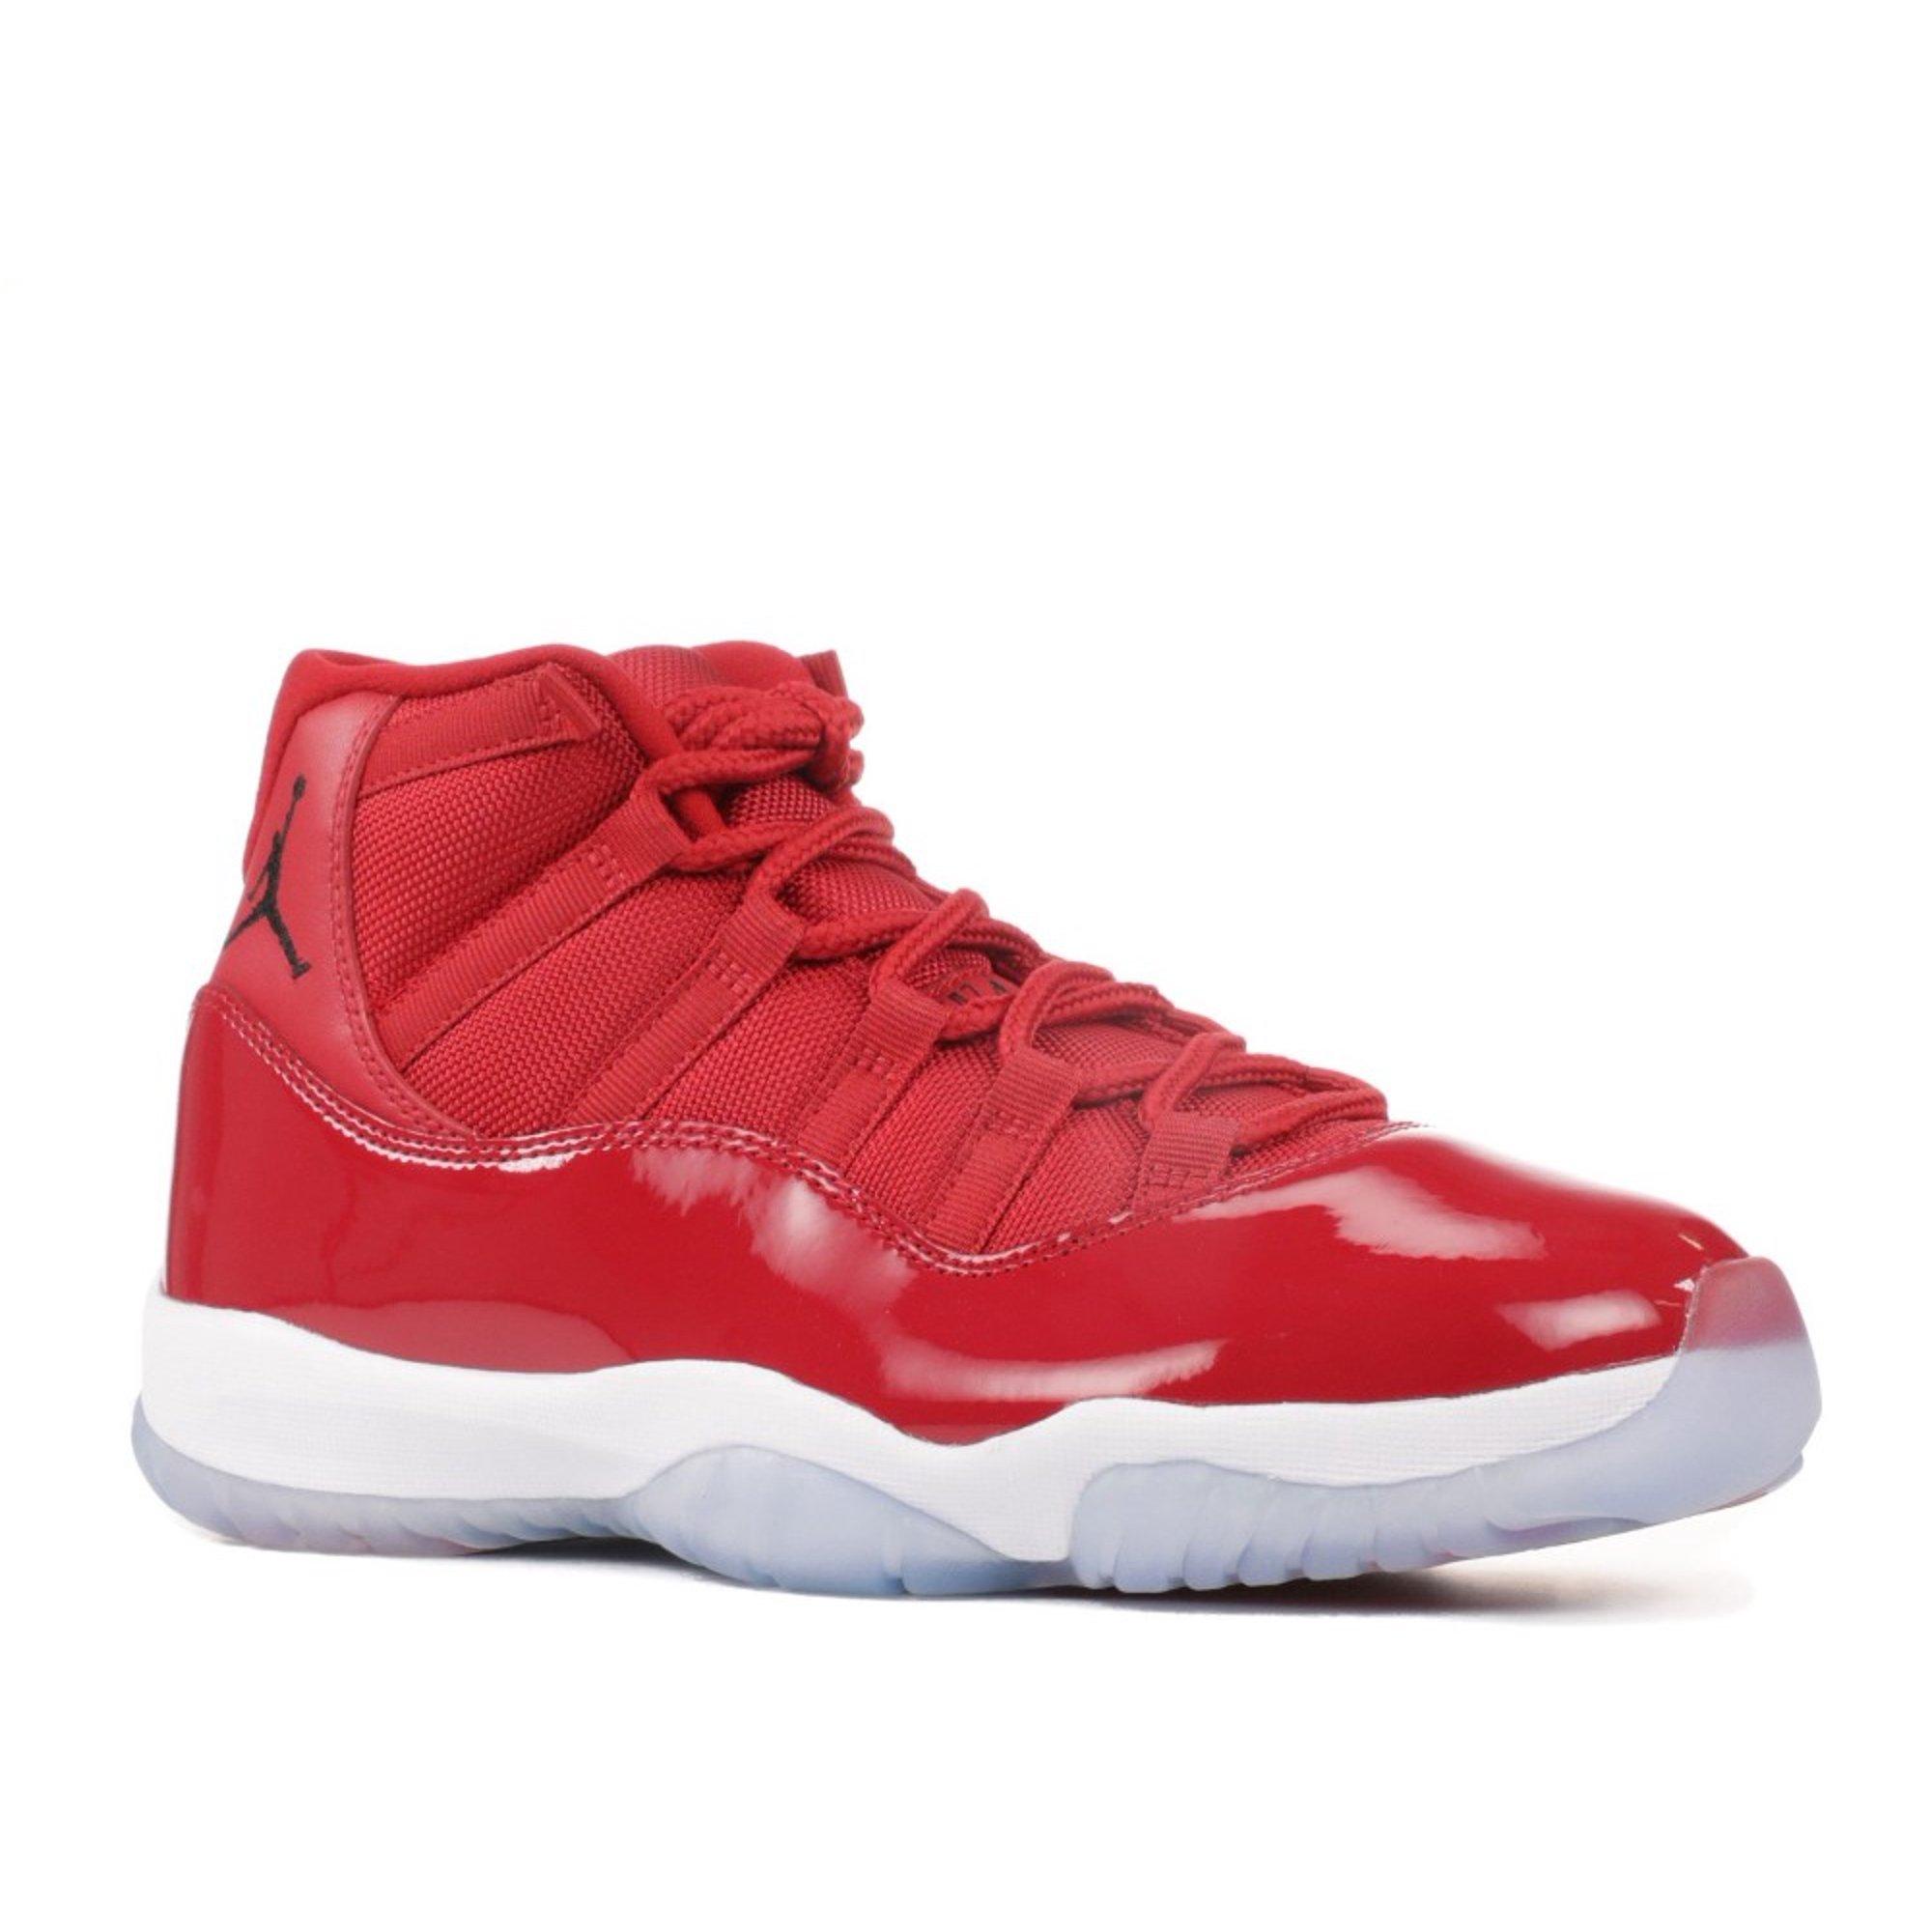 new product 5f1ff 0a51a Air Jordan - Men - Air Jordan 11 Retro 'Win Like 96' - 378037-623 - Size 10